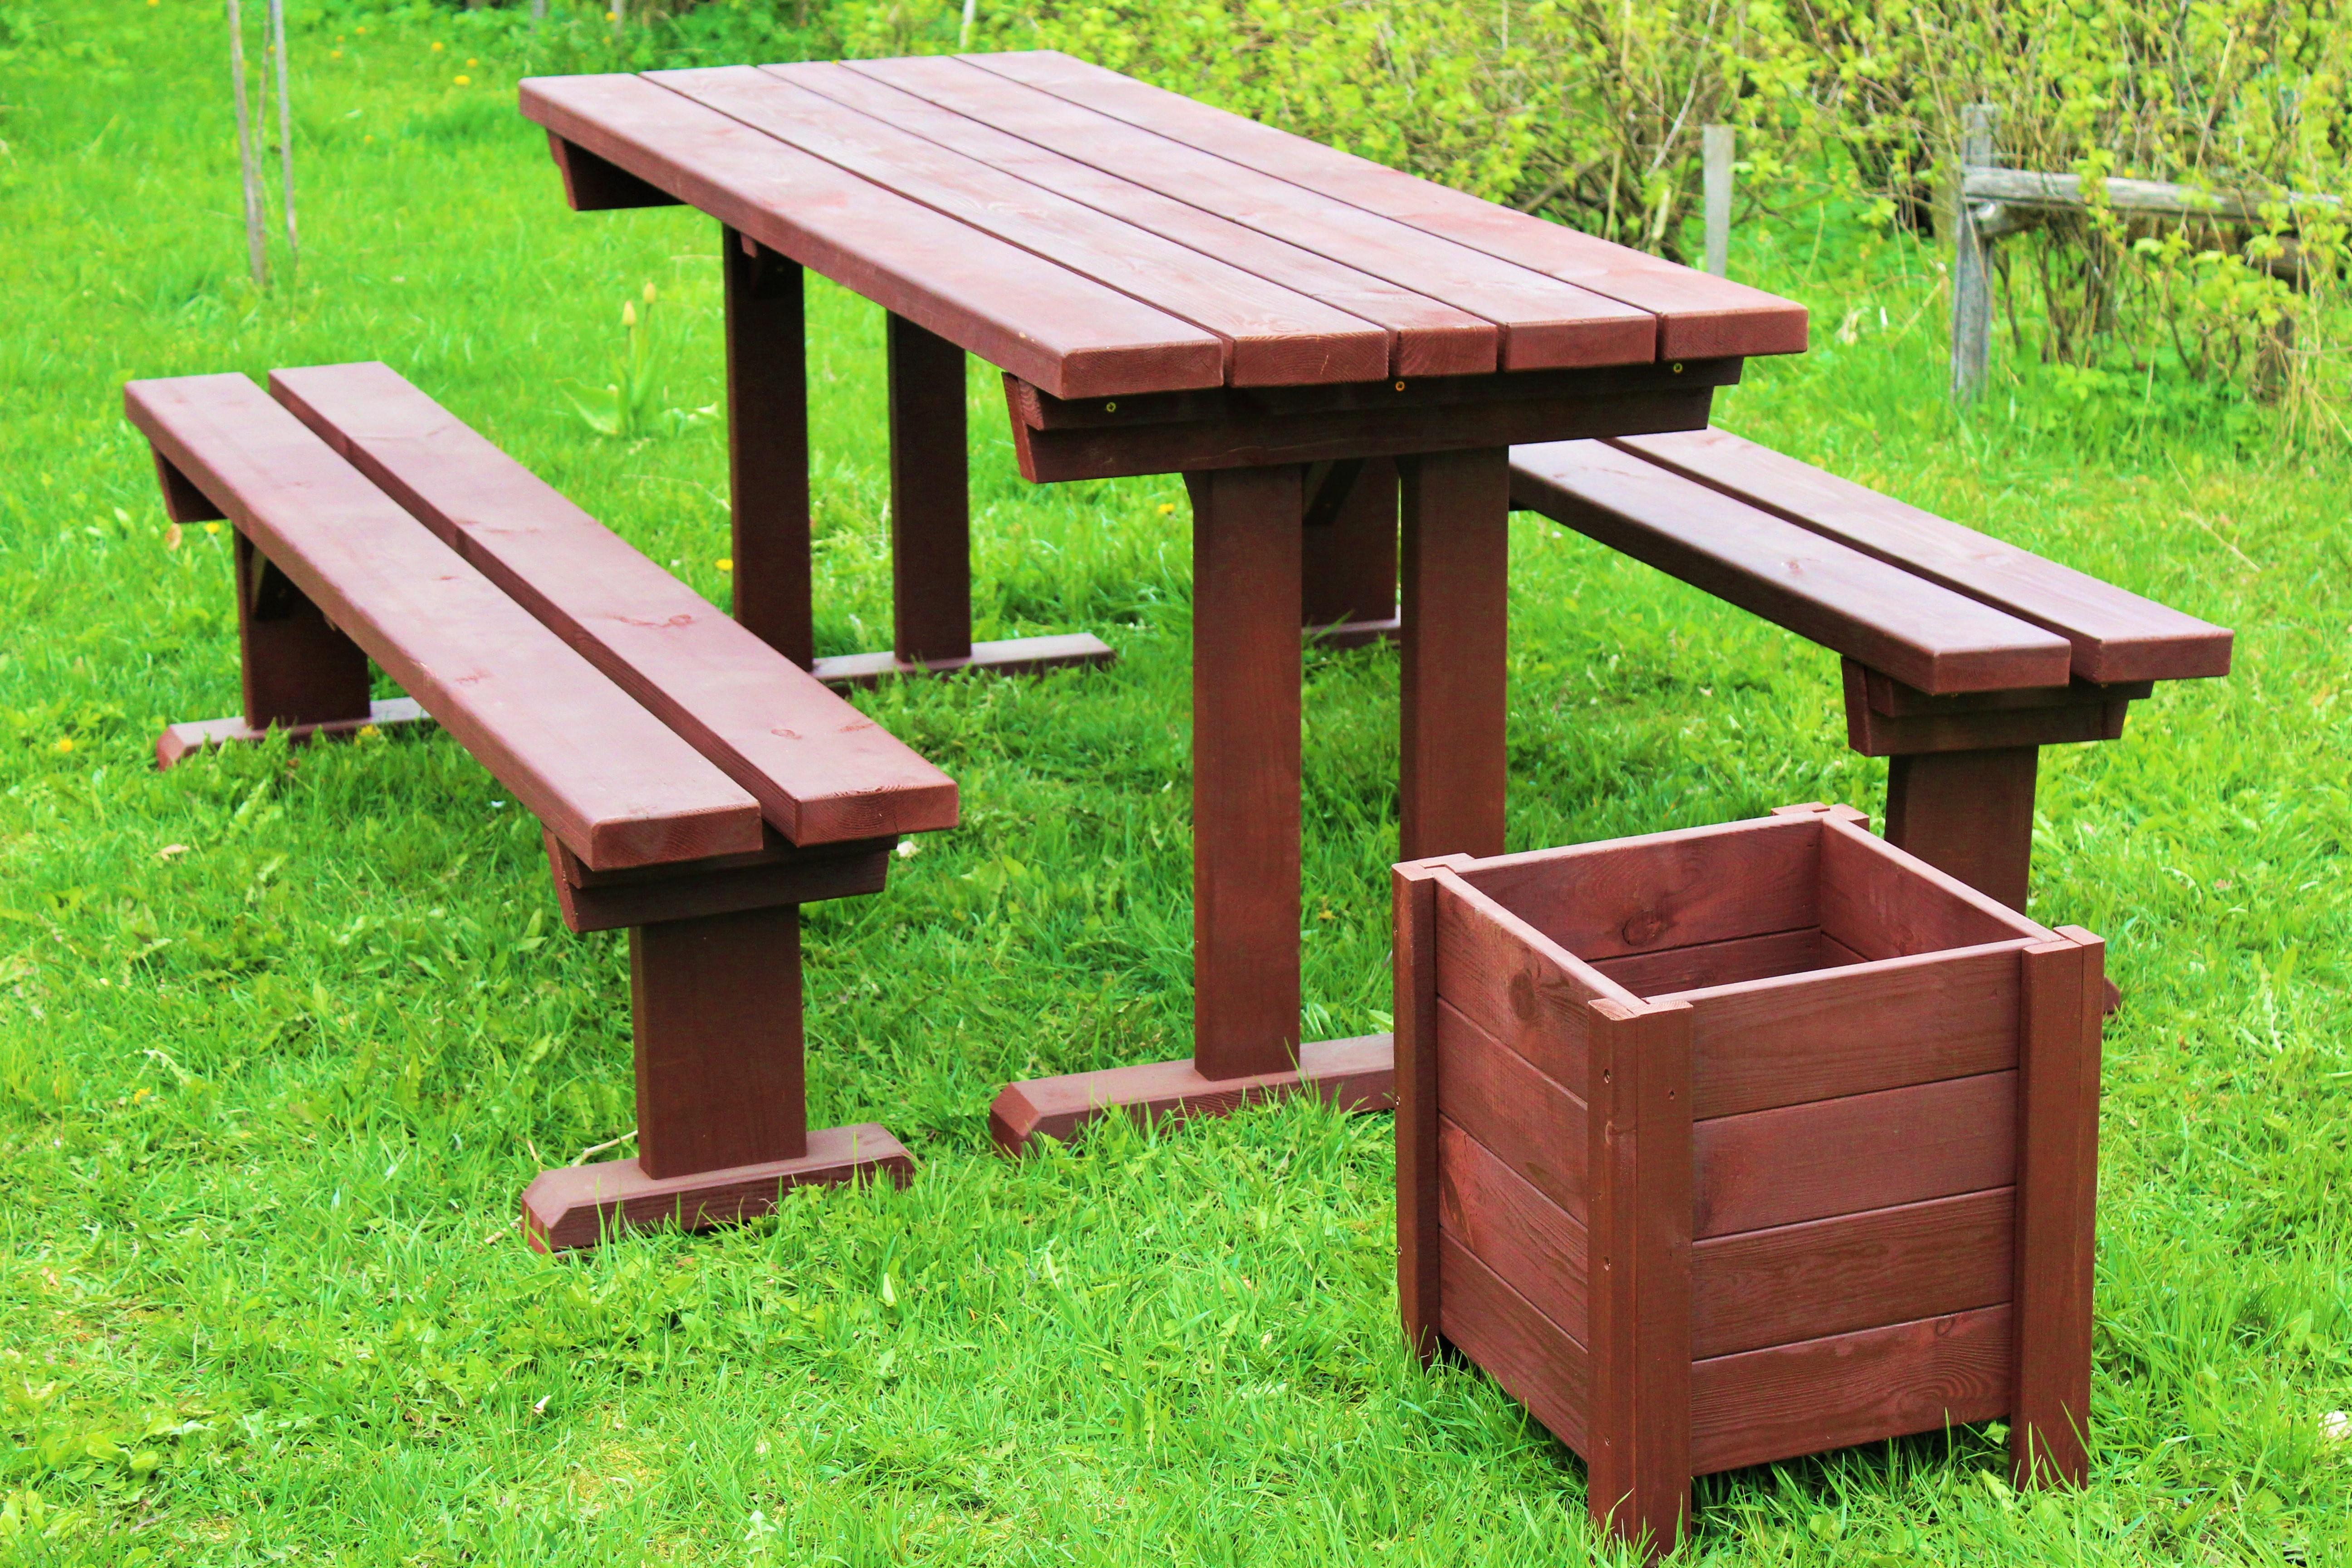 Dārza galds ar soliem